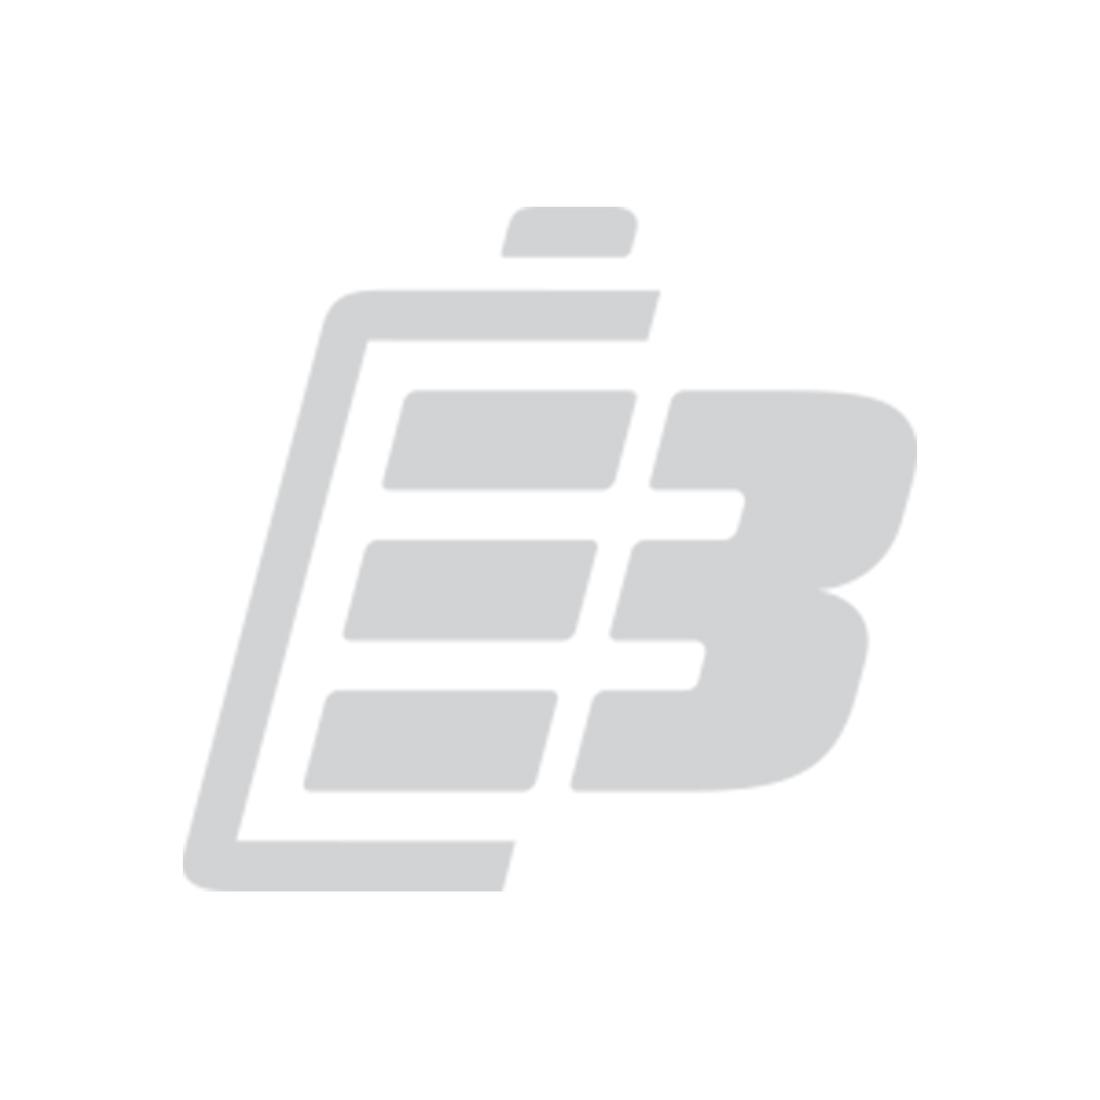 Wireless headset battery Sennheiser A200_1